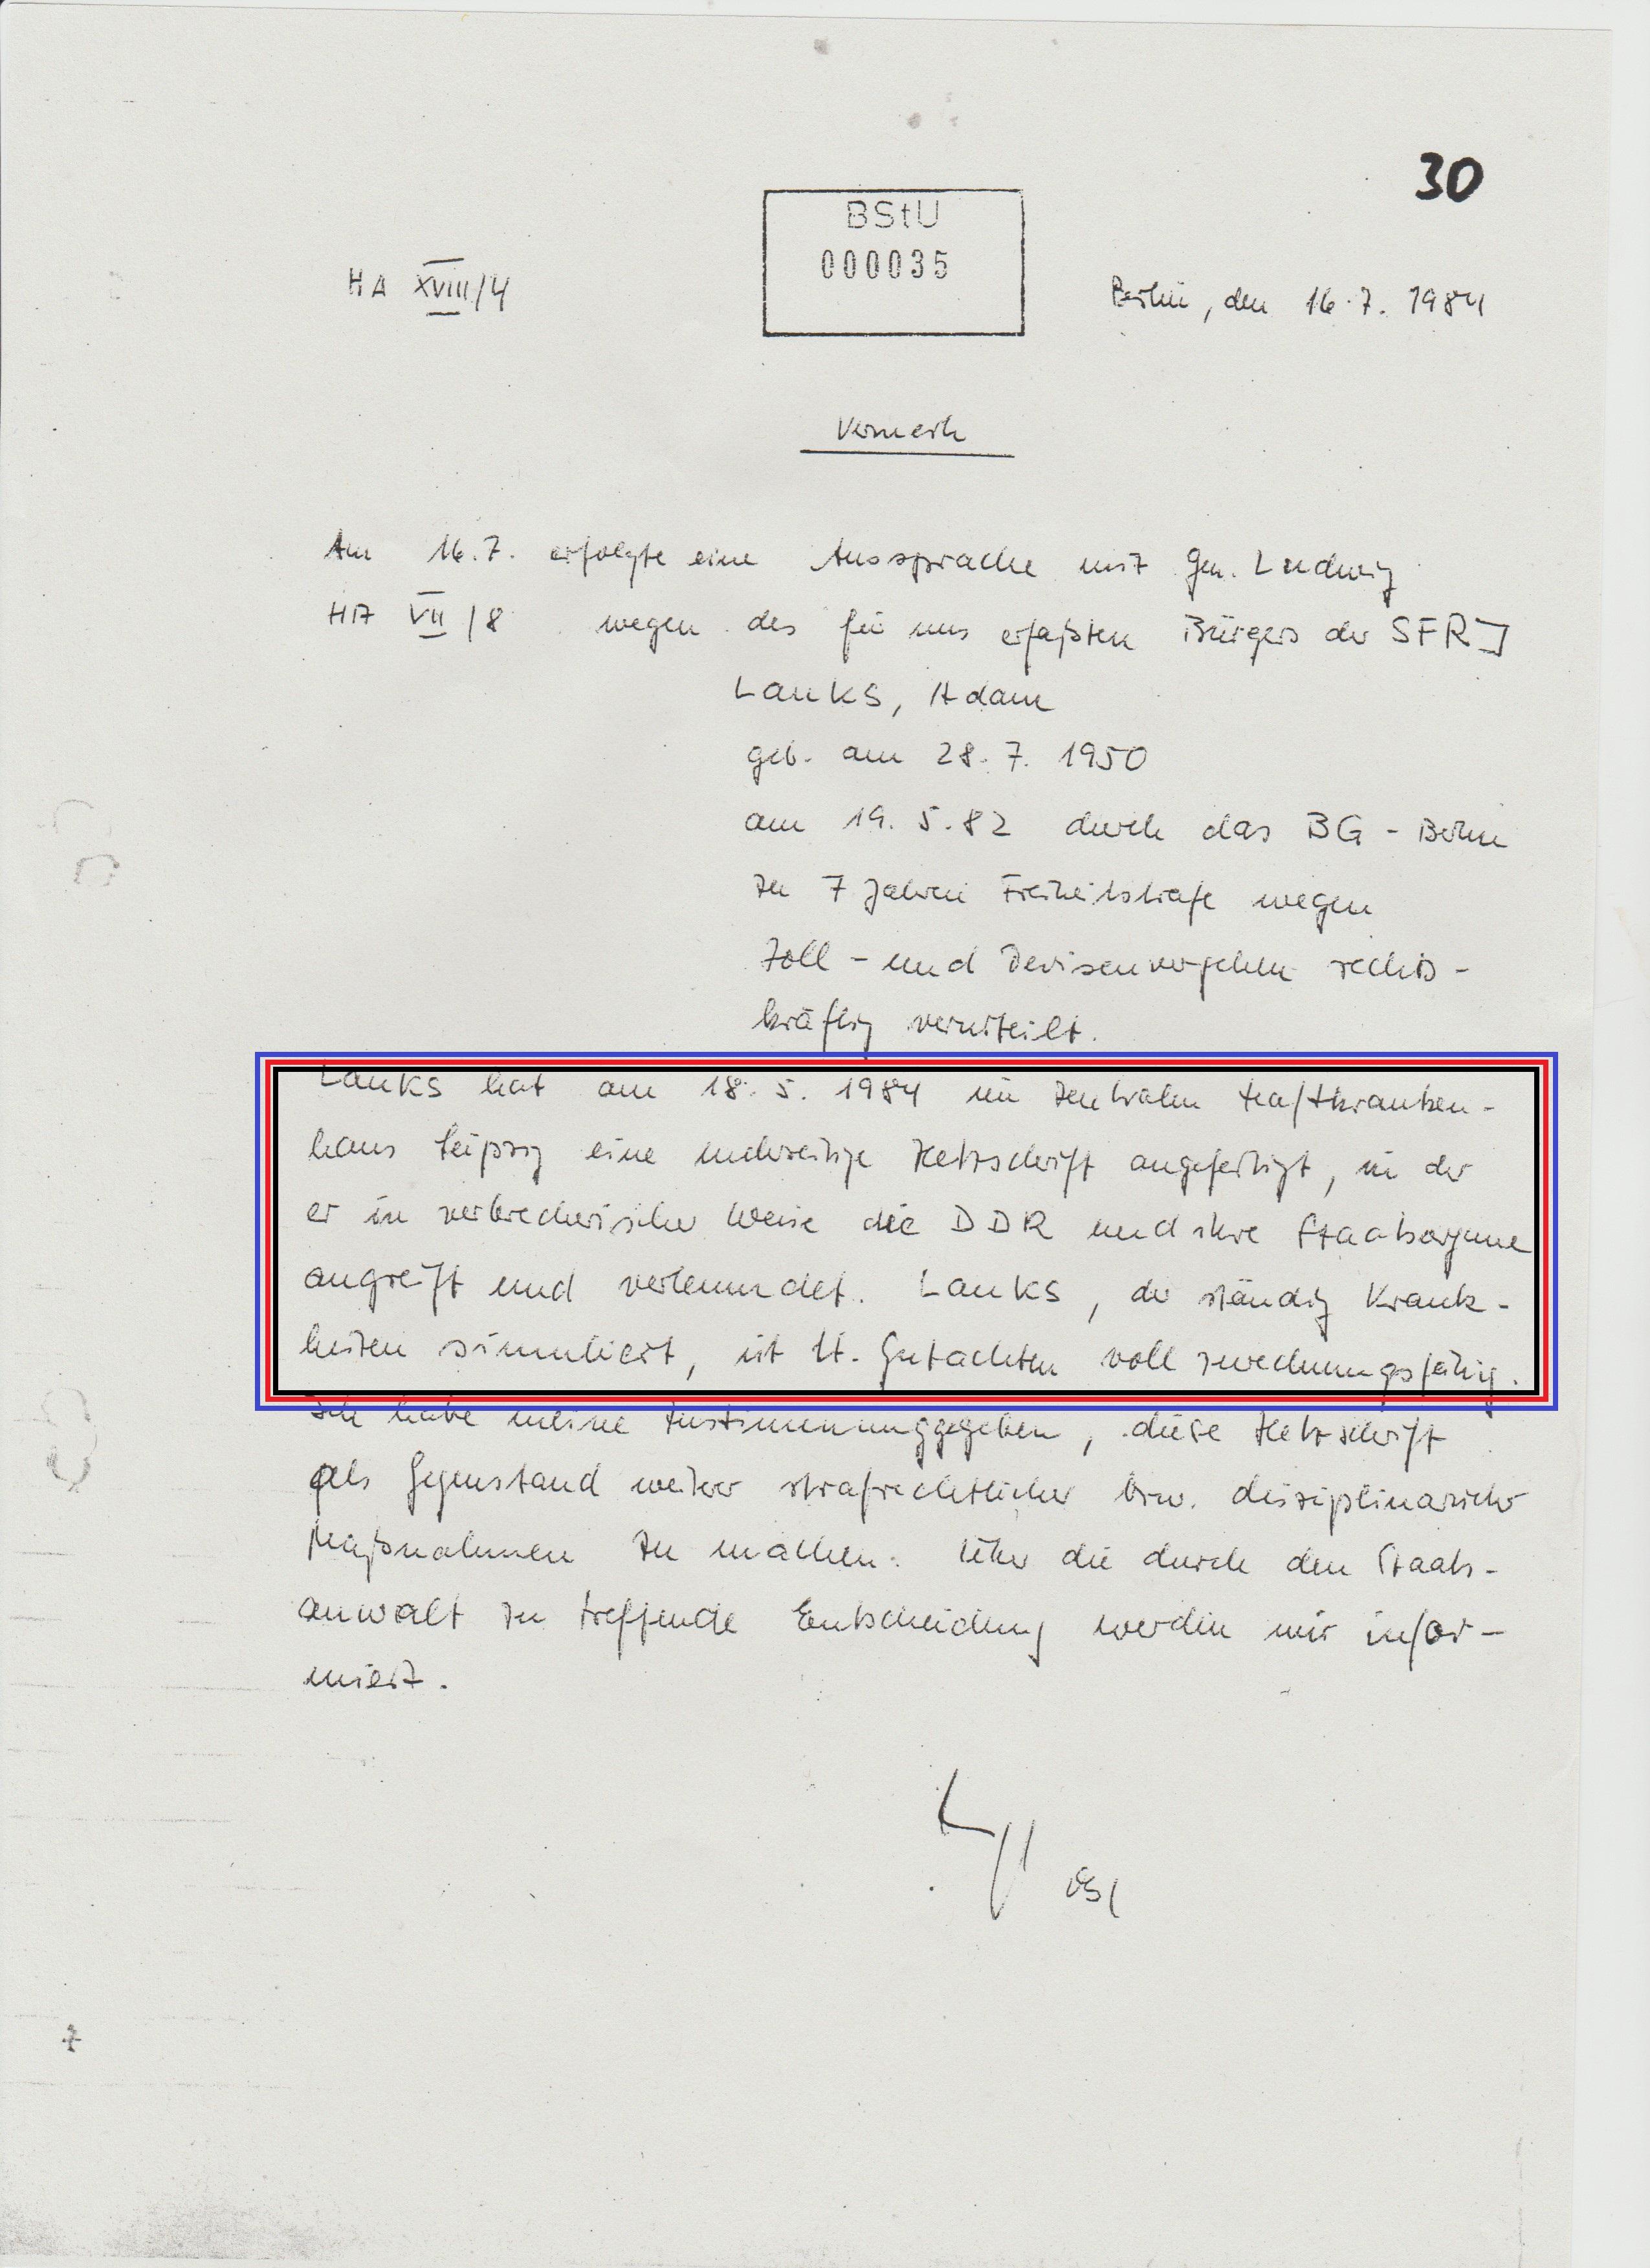 """IMS """"Georg Husfeldt"""" : Lauks hatte eine mehrseitige Hetzschrift verfasst..."""